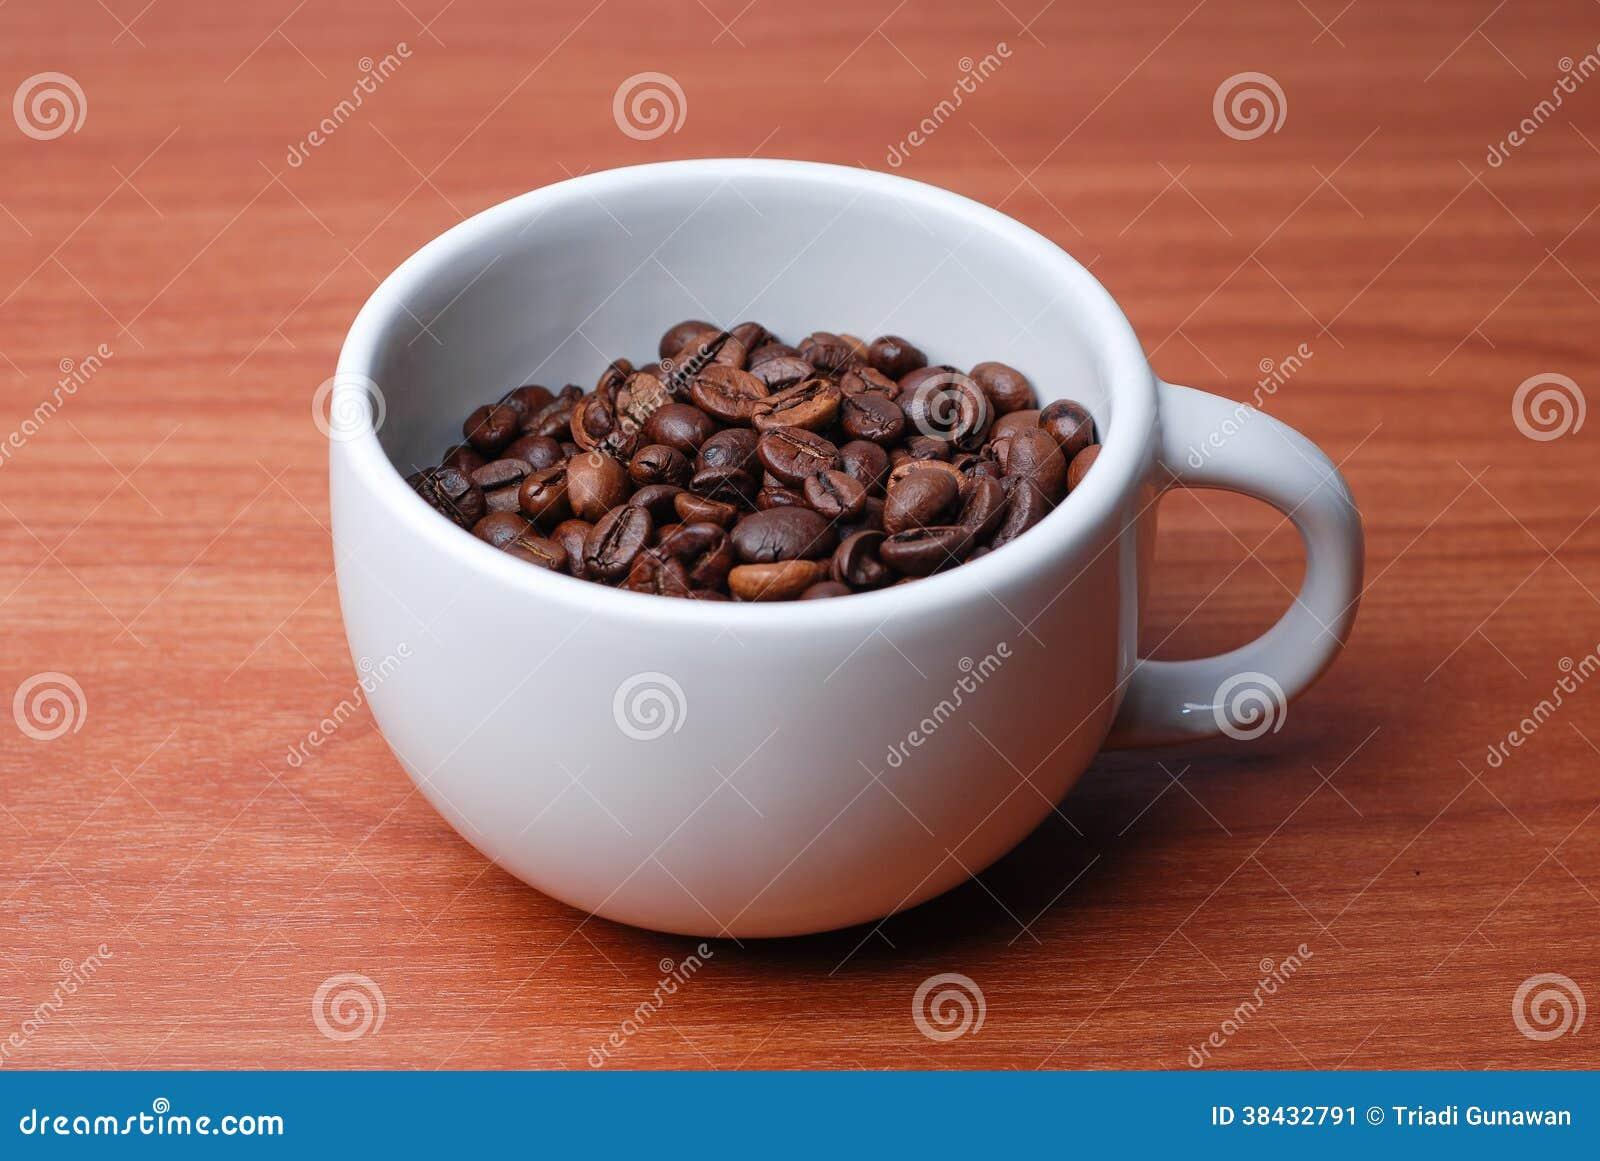 Taza grande llena de grano de caf imagen de archivo for Tazas grandes